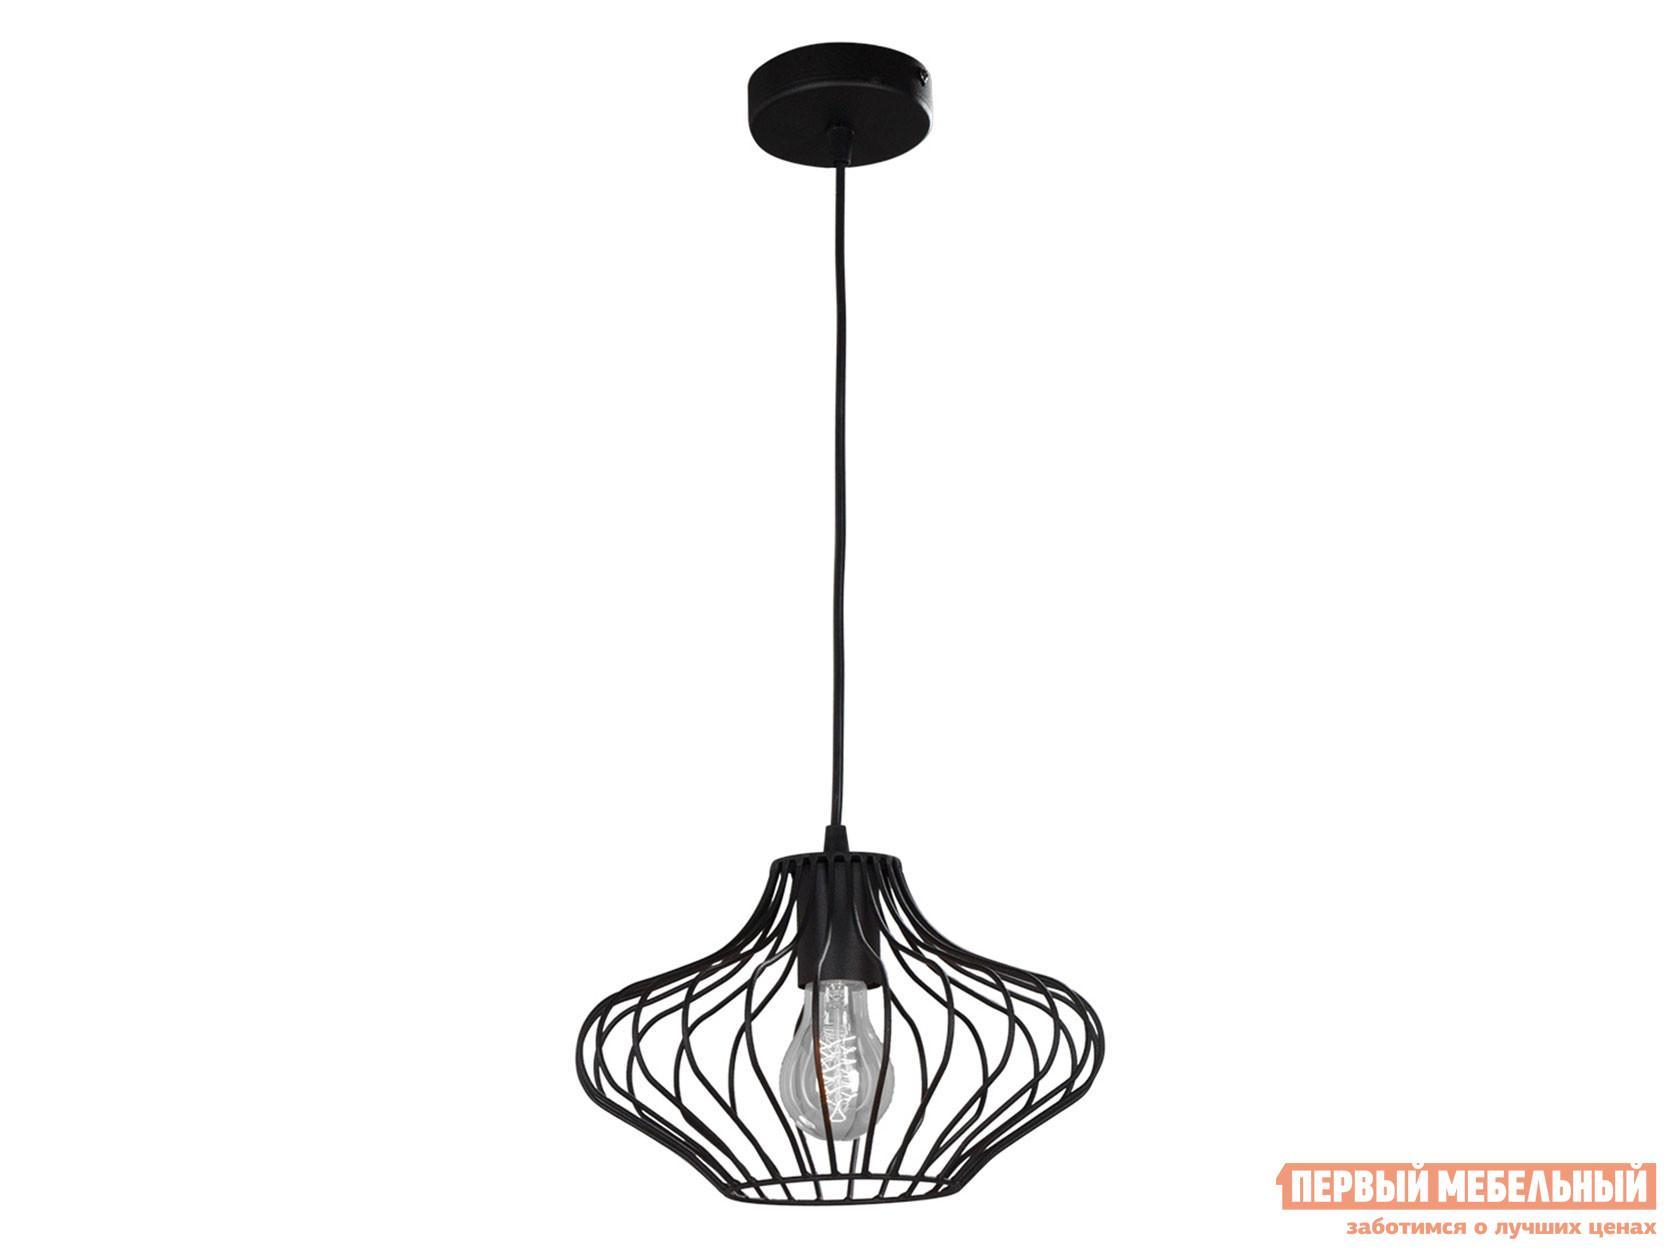 Подвесной светильник КСК-электро Люстра V4454-1/1S, 1хE27 макс. 40Вт